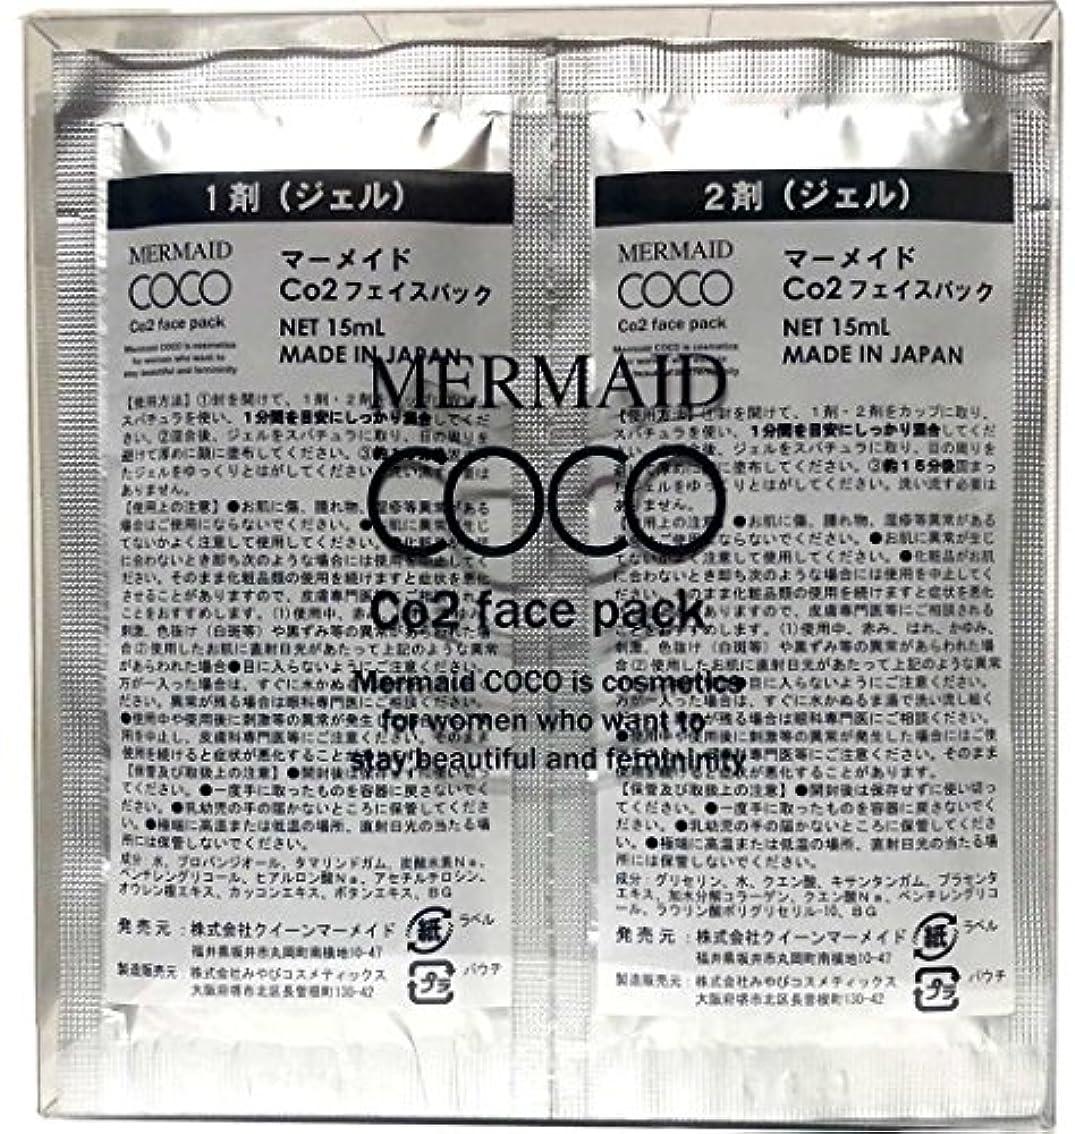 周波数色合い果てしないマーメイド ココ  MERMAID COCO Co2 フェイスパック 10回分